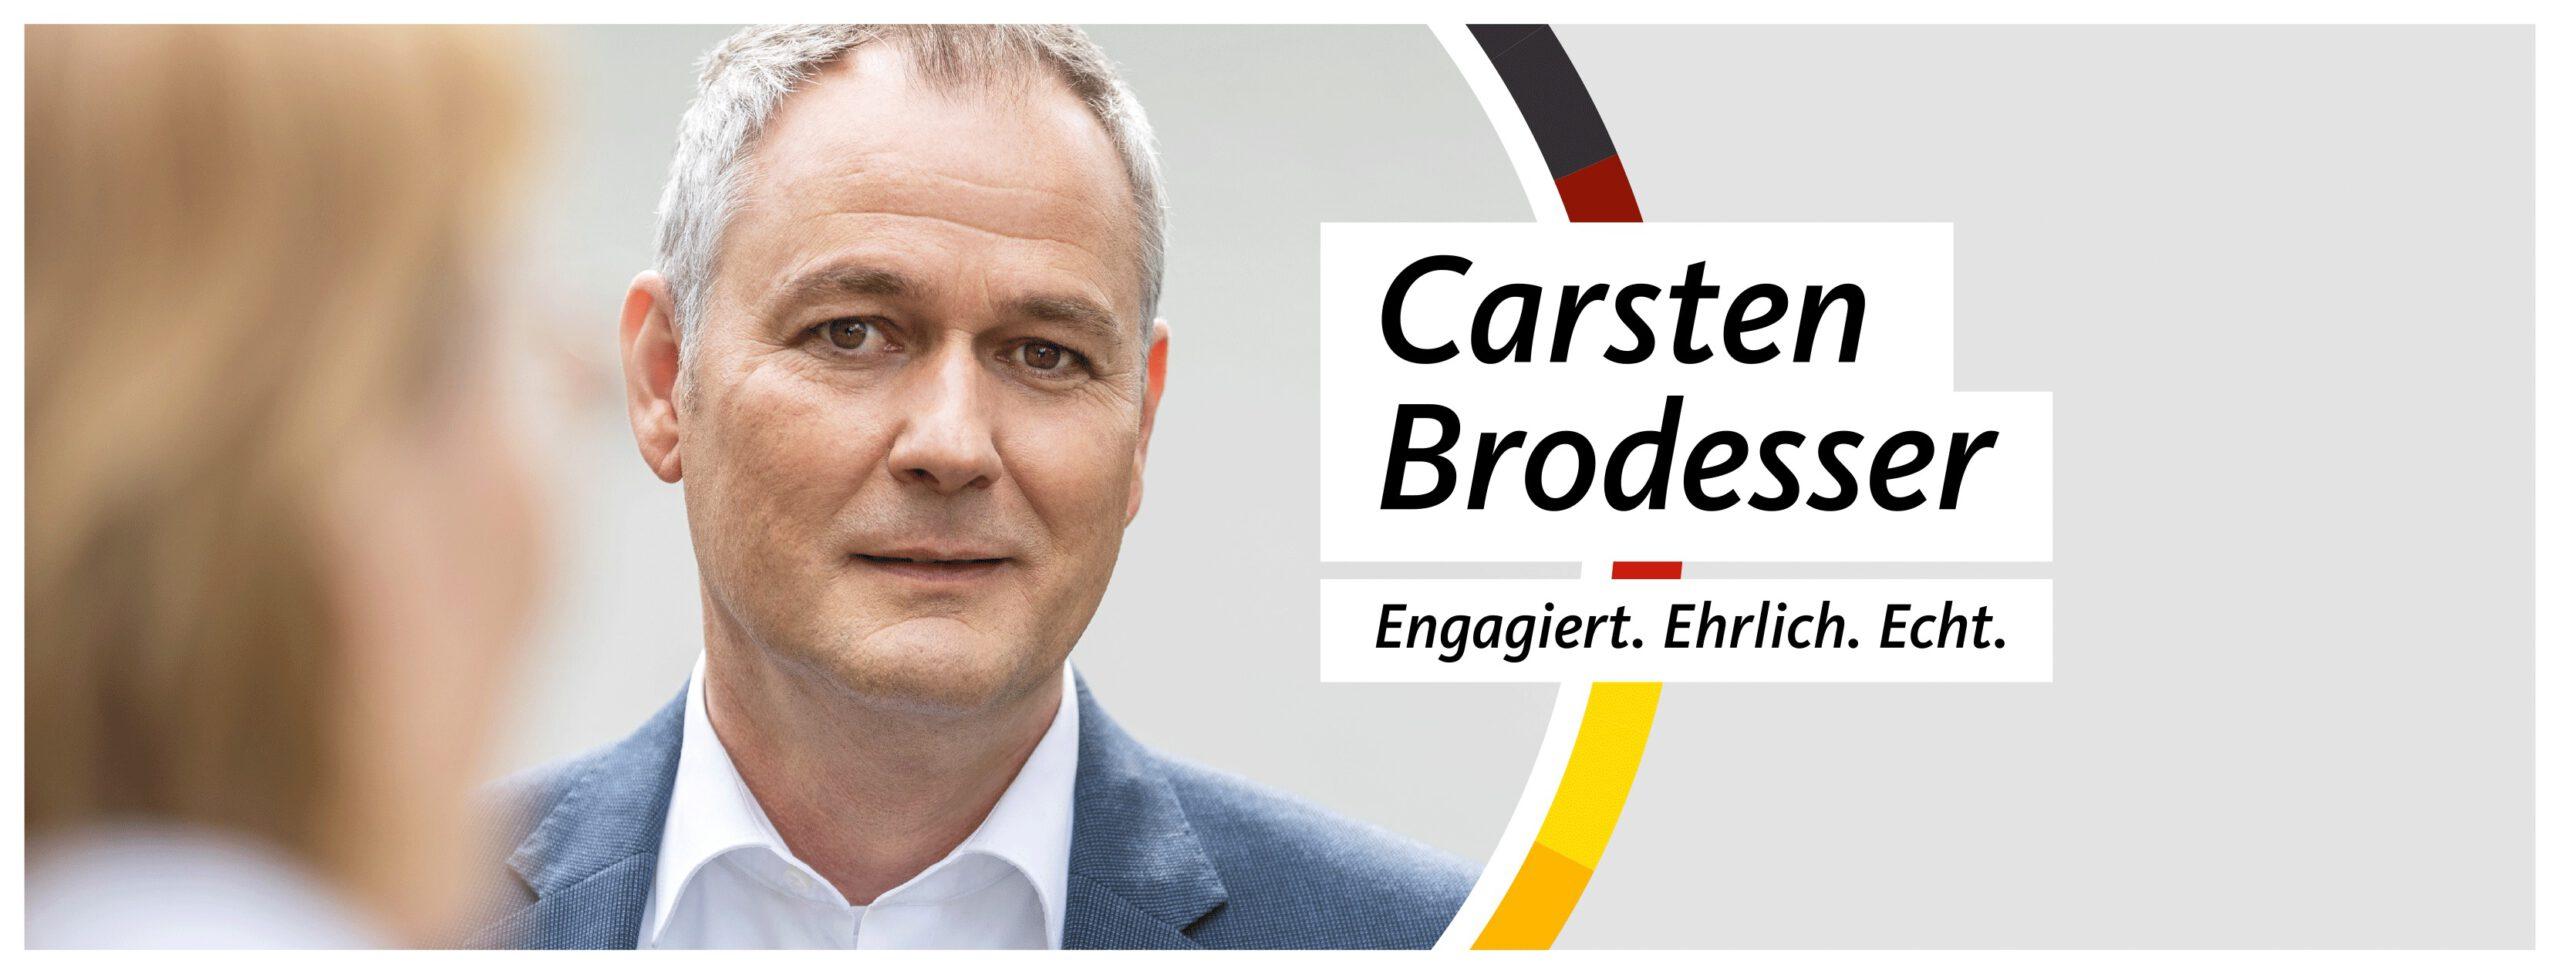 Carsten Brodesser Bundestagswahl 2021